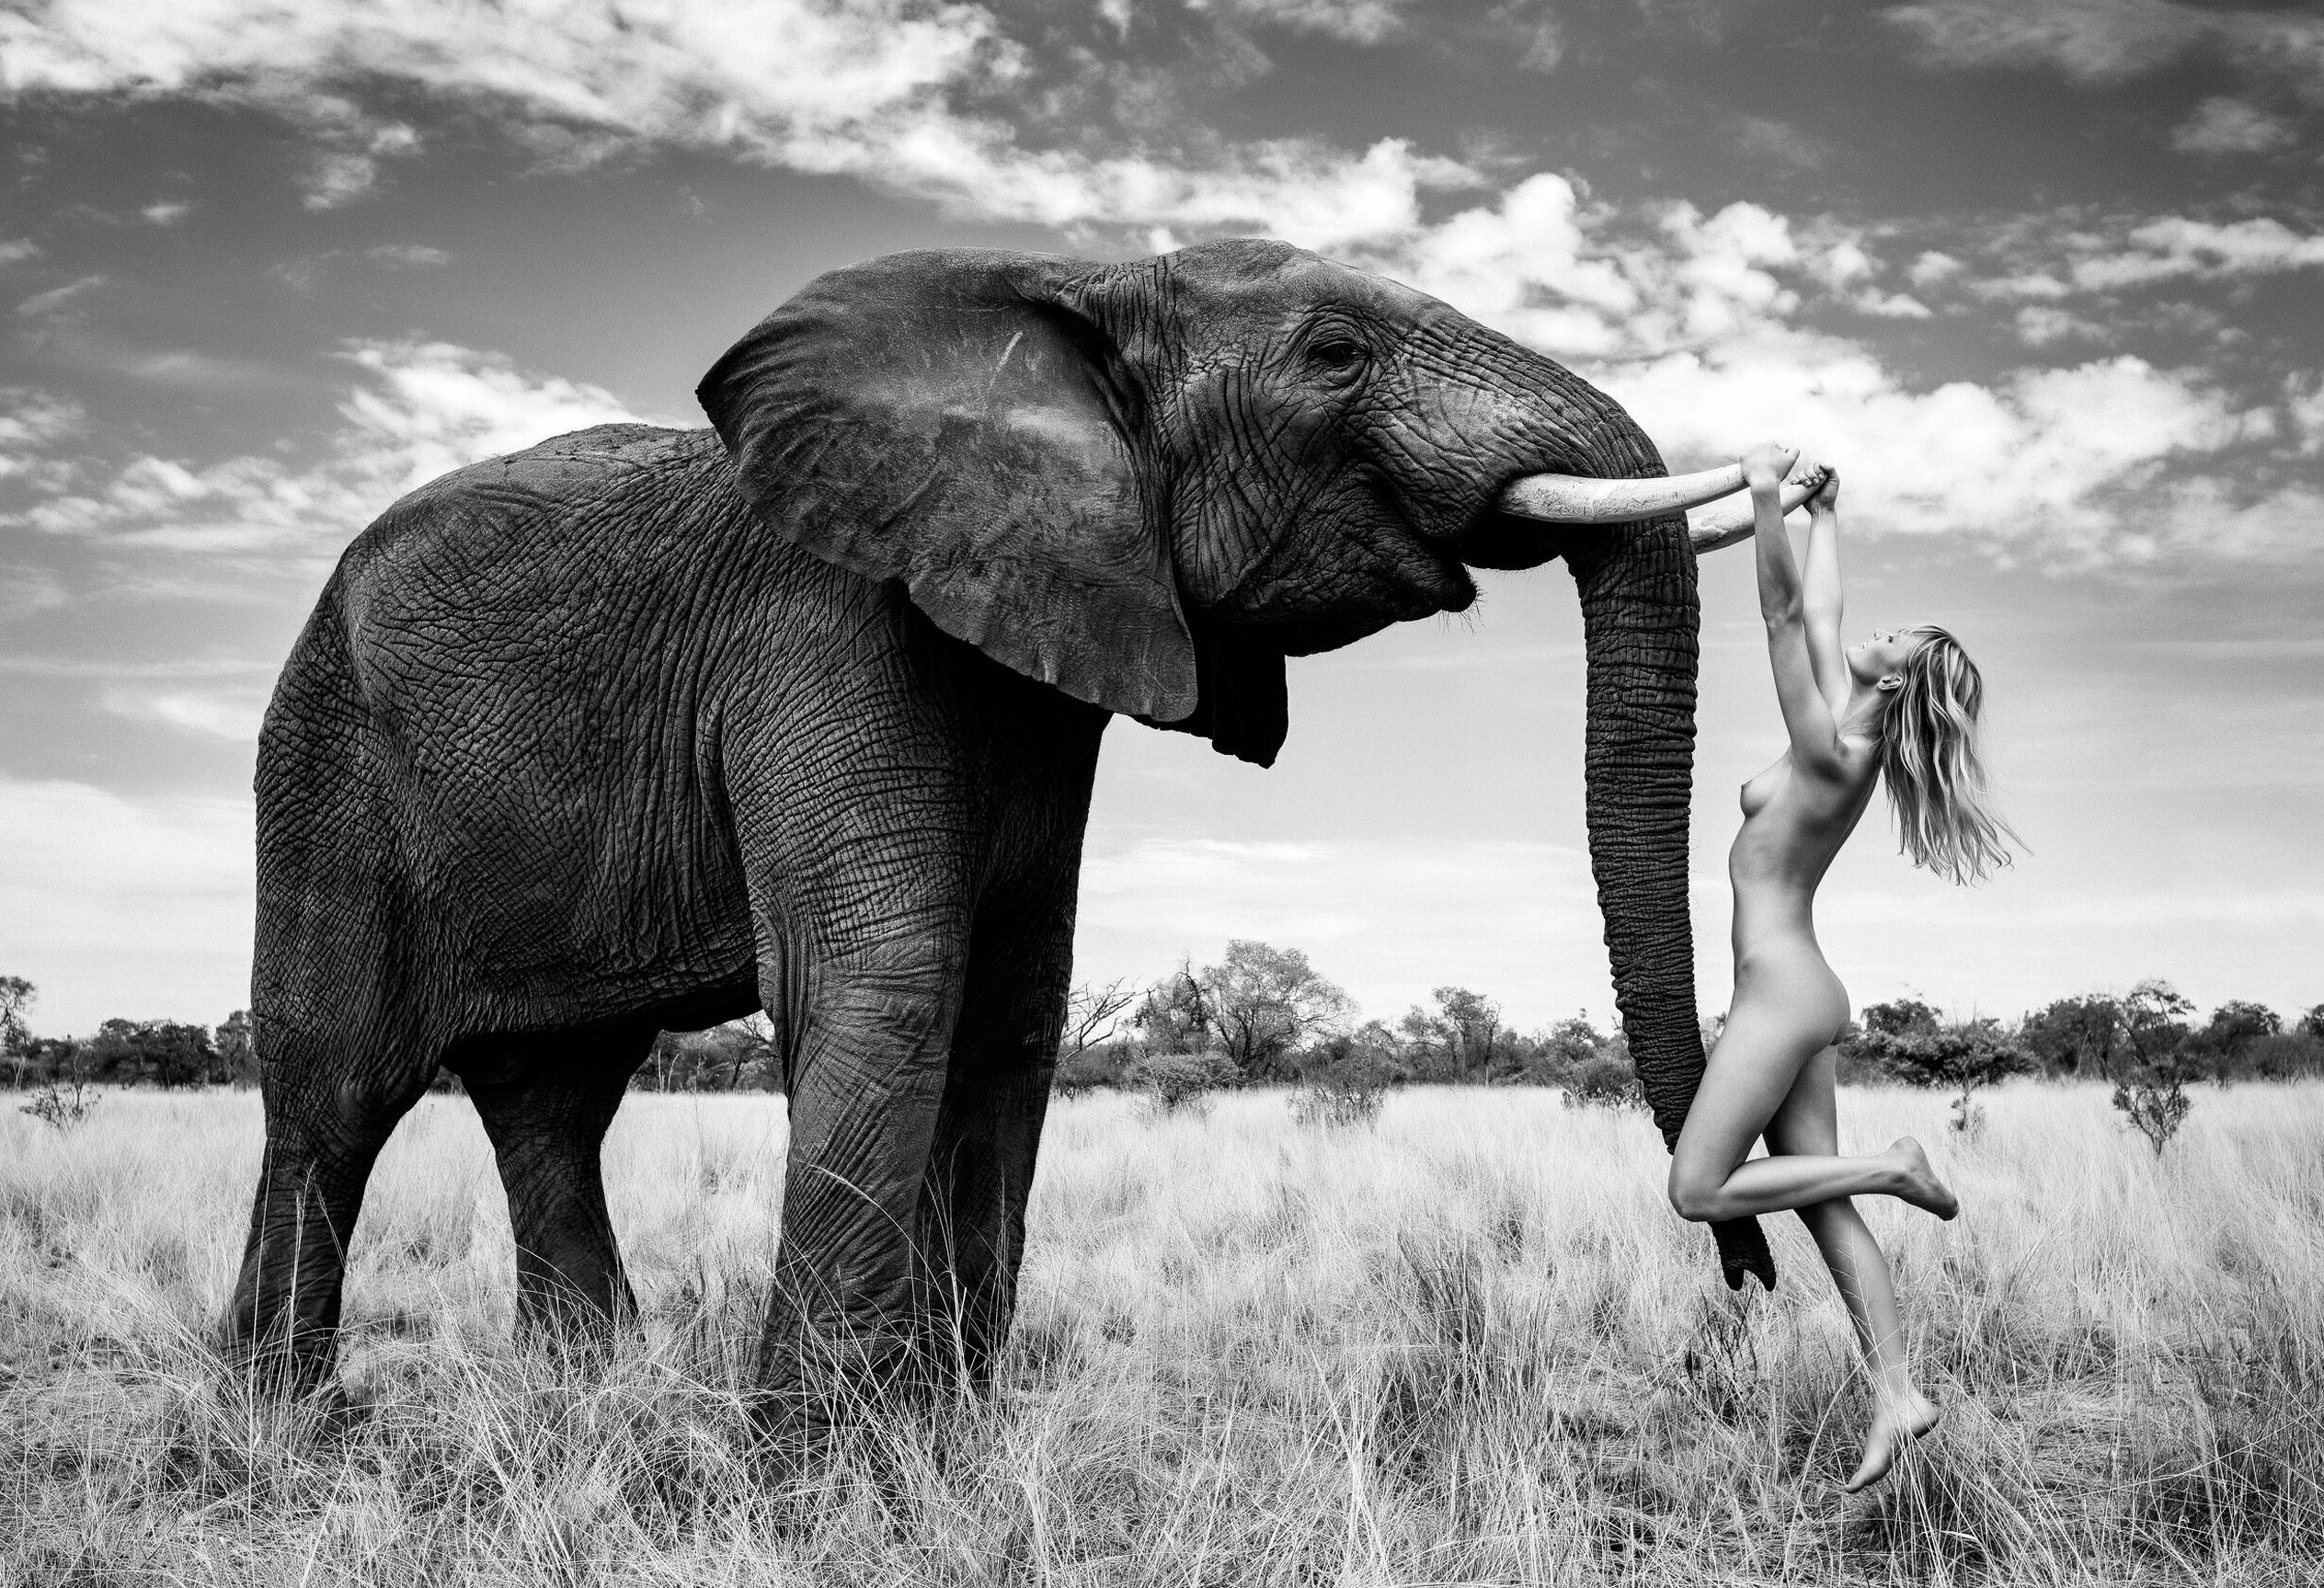 эротический календарь 12 чудес природы / Африка 2019 / фото 02